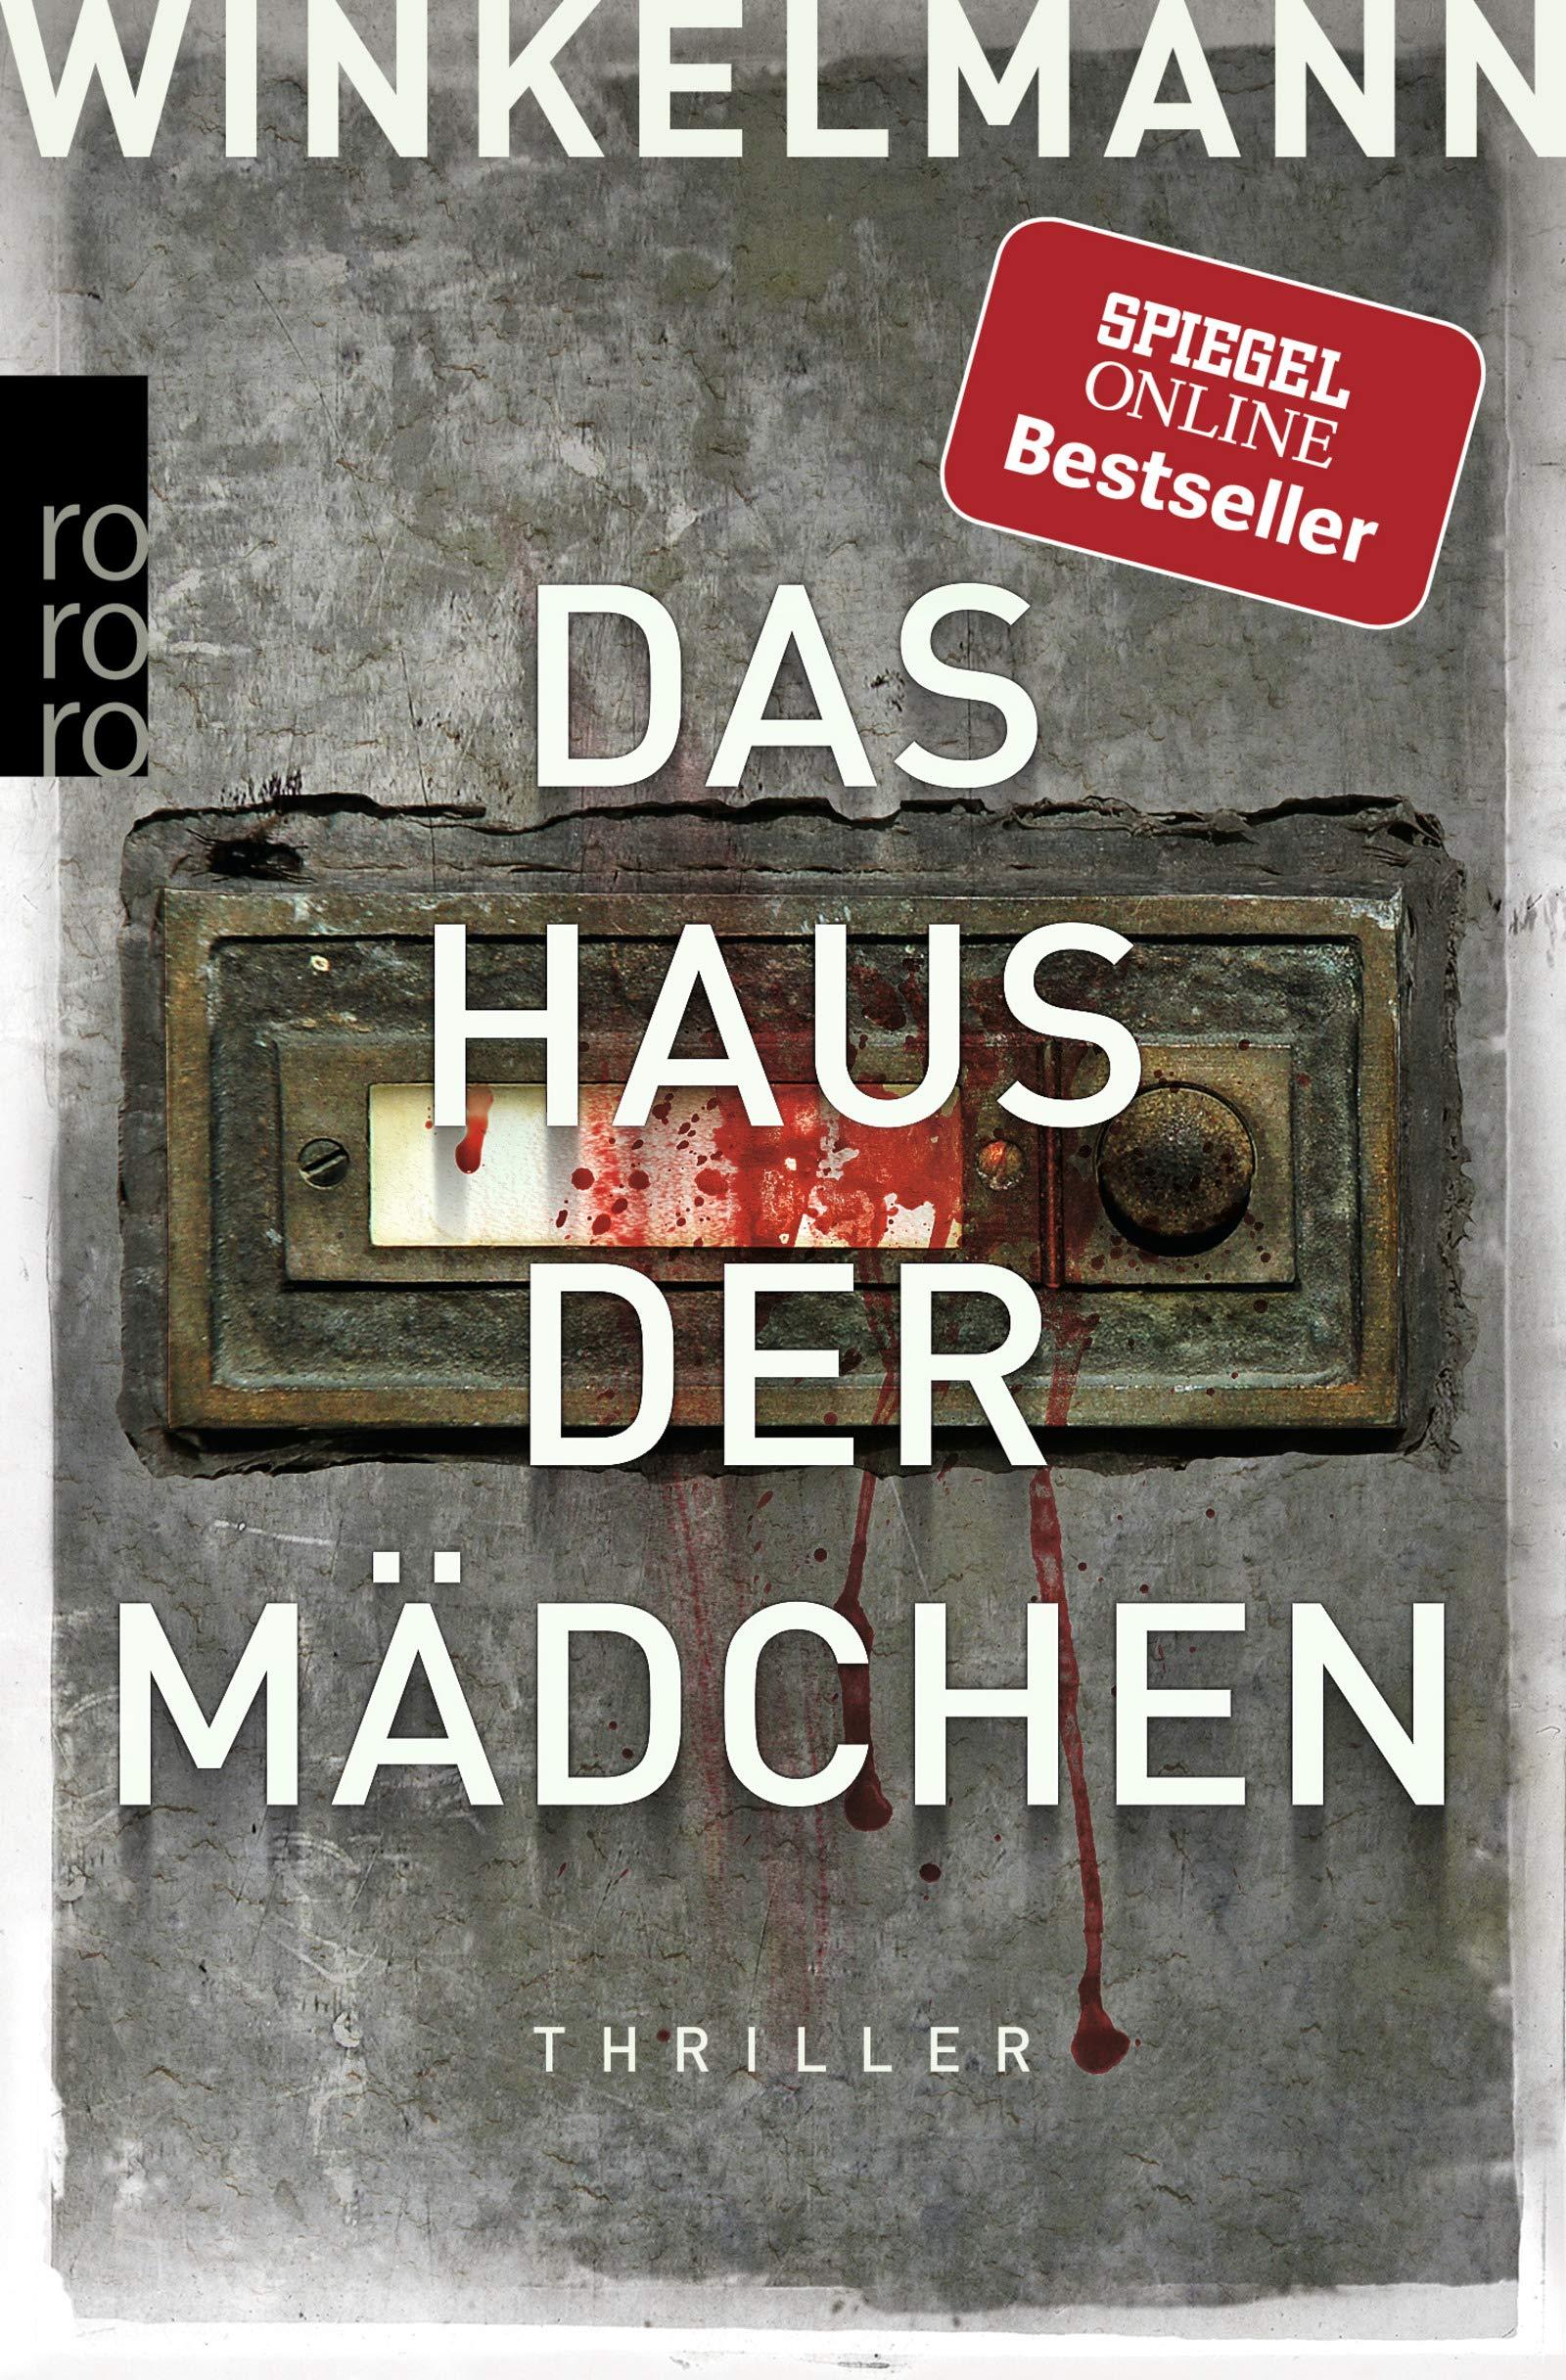 Das Haus der Mädchen: Amazon.de: Andreas Winkelmann: Bücher